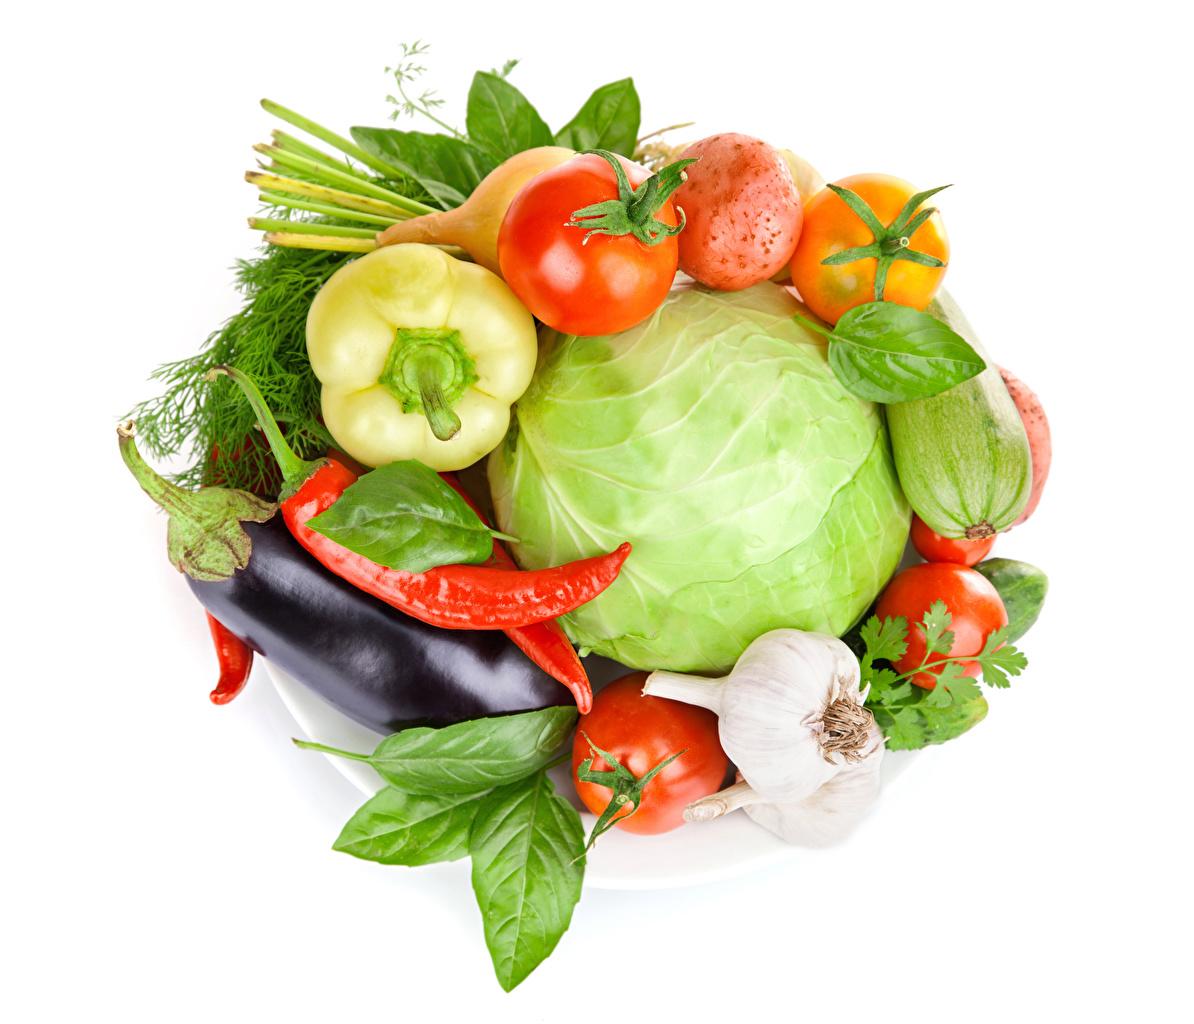 Фото Капуста Баклажан Помидоры Острый перец чили Чеснок Еда Овощи Белый фон Томаты Пища Продукты питания